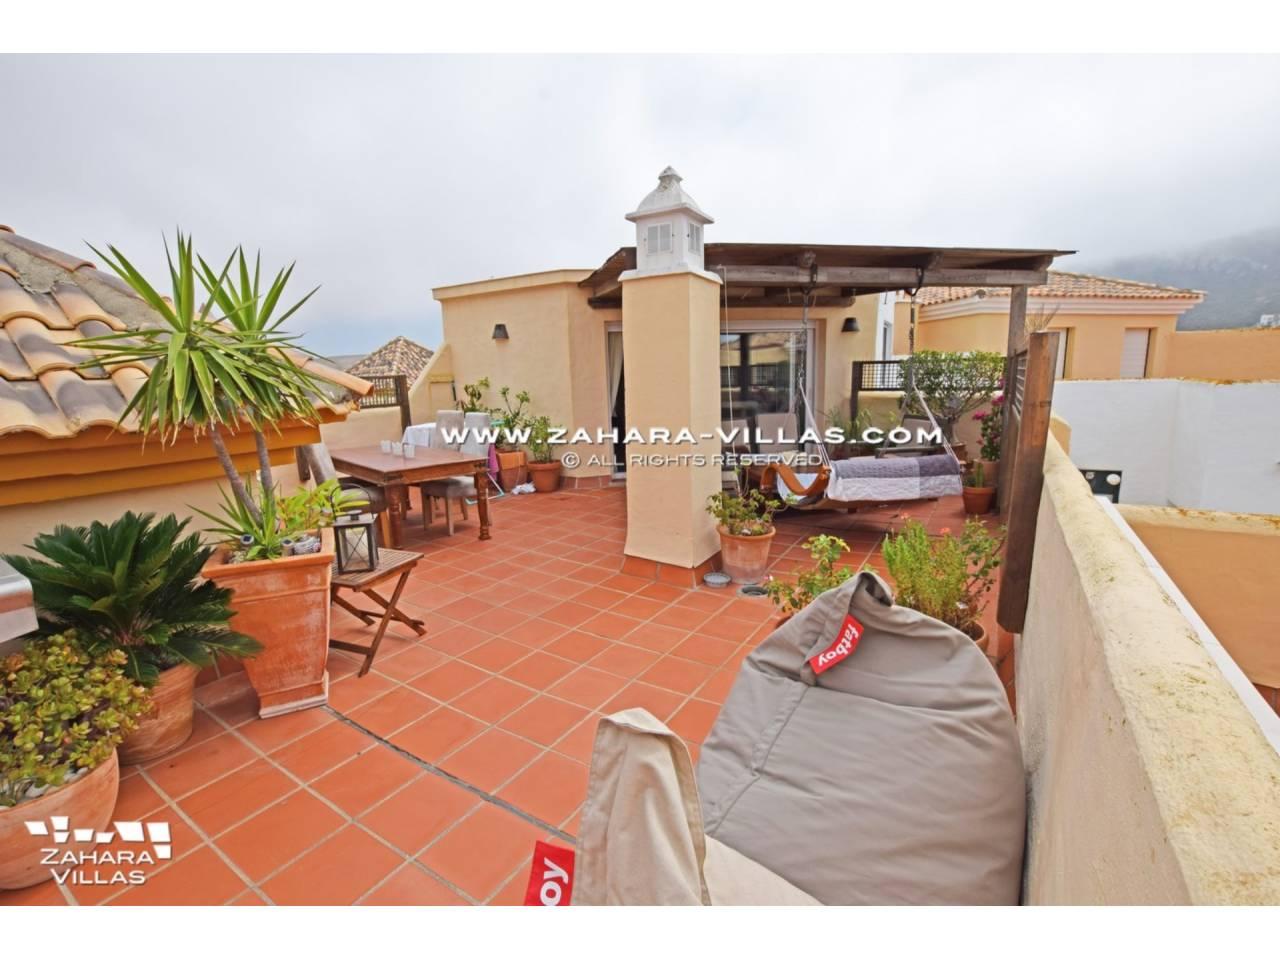 Imagen 4 de Penthouse appartment reformed for sale in Costa de la Luz